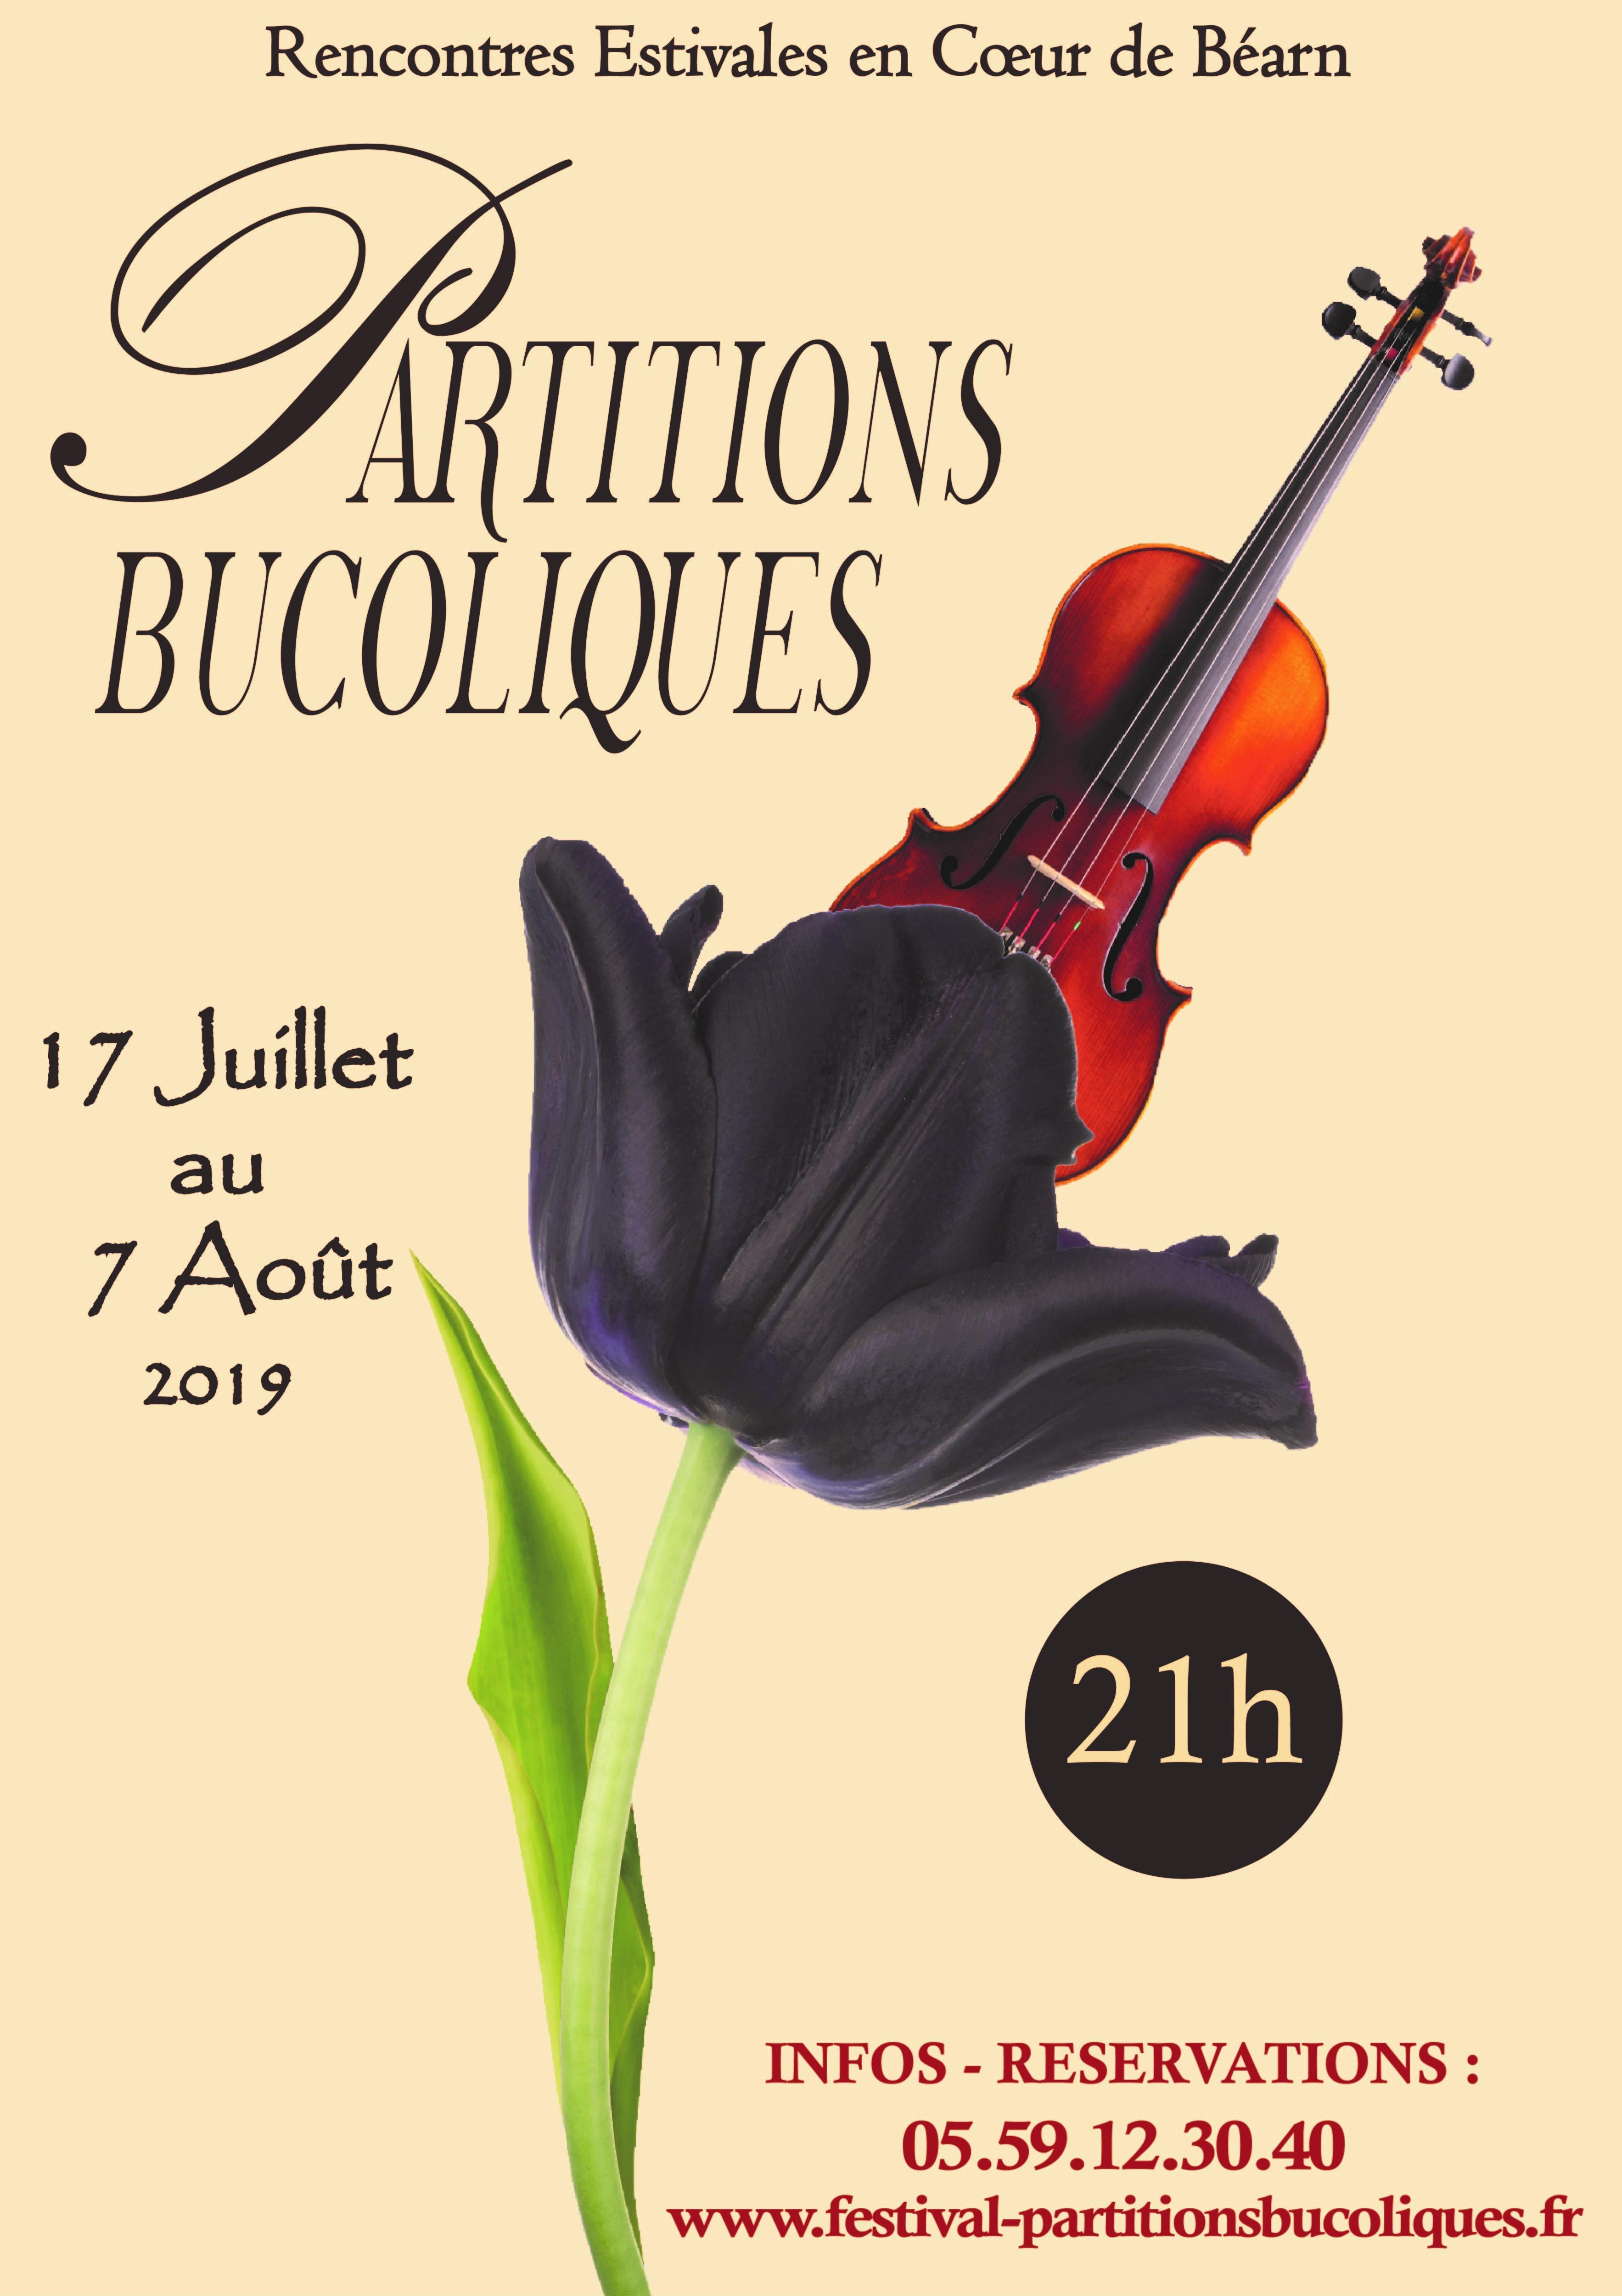 Partitions Bucoliques - Concert : Trio flûte alto harpe - BOUMOURT